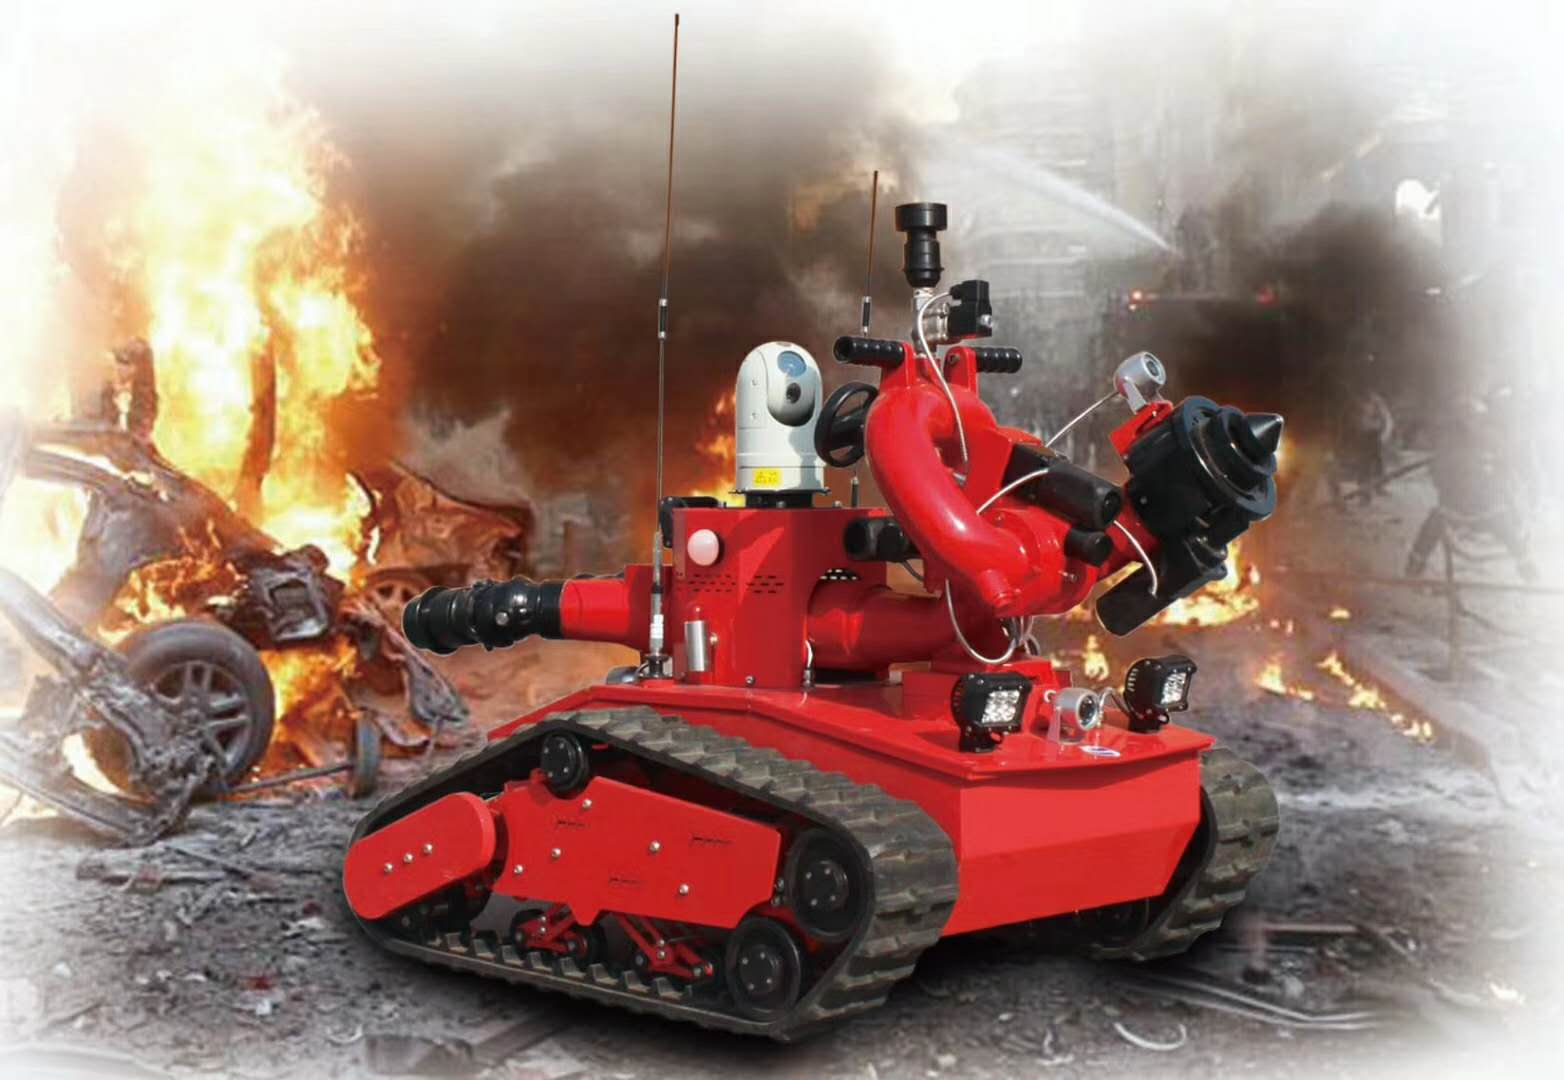 程力公司制造的RXR-M40D的滅火戰車派上用場了,特殊場合需要特殊的消防作戰設備,機器人遙控作業配合消防車可以隨意進入火場完成消防作戰任務!√圖片